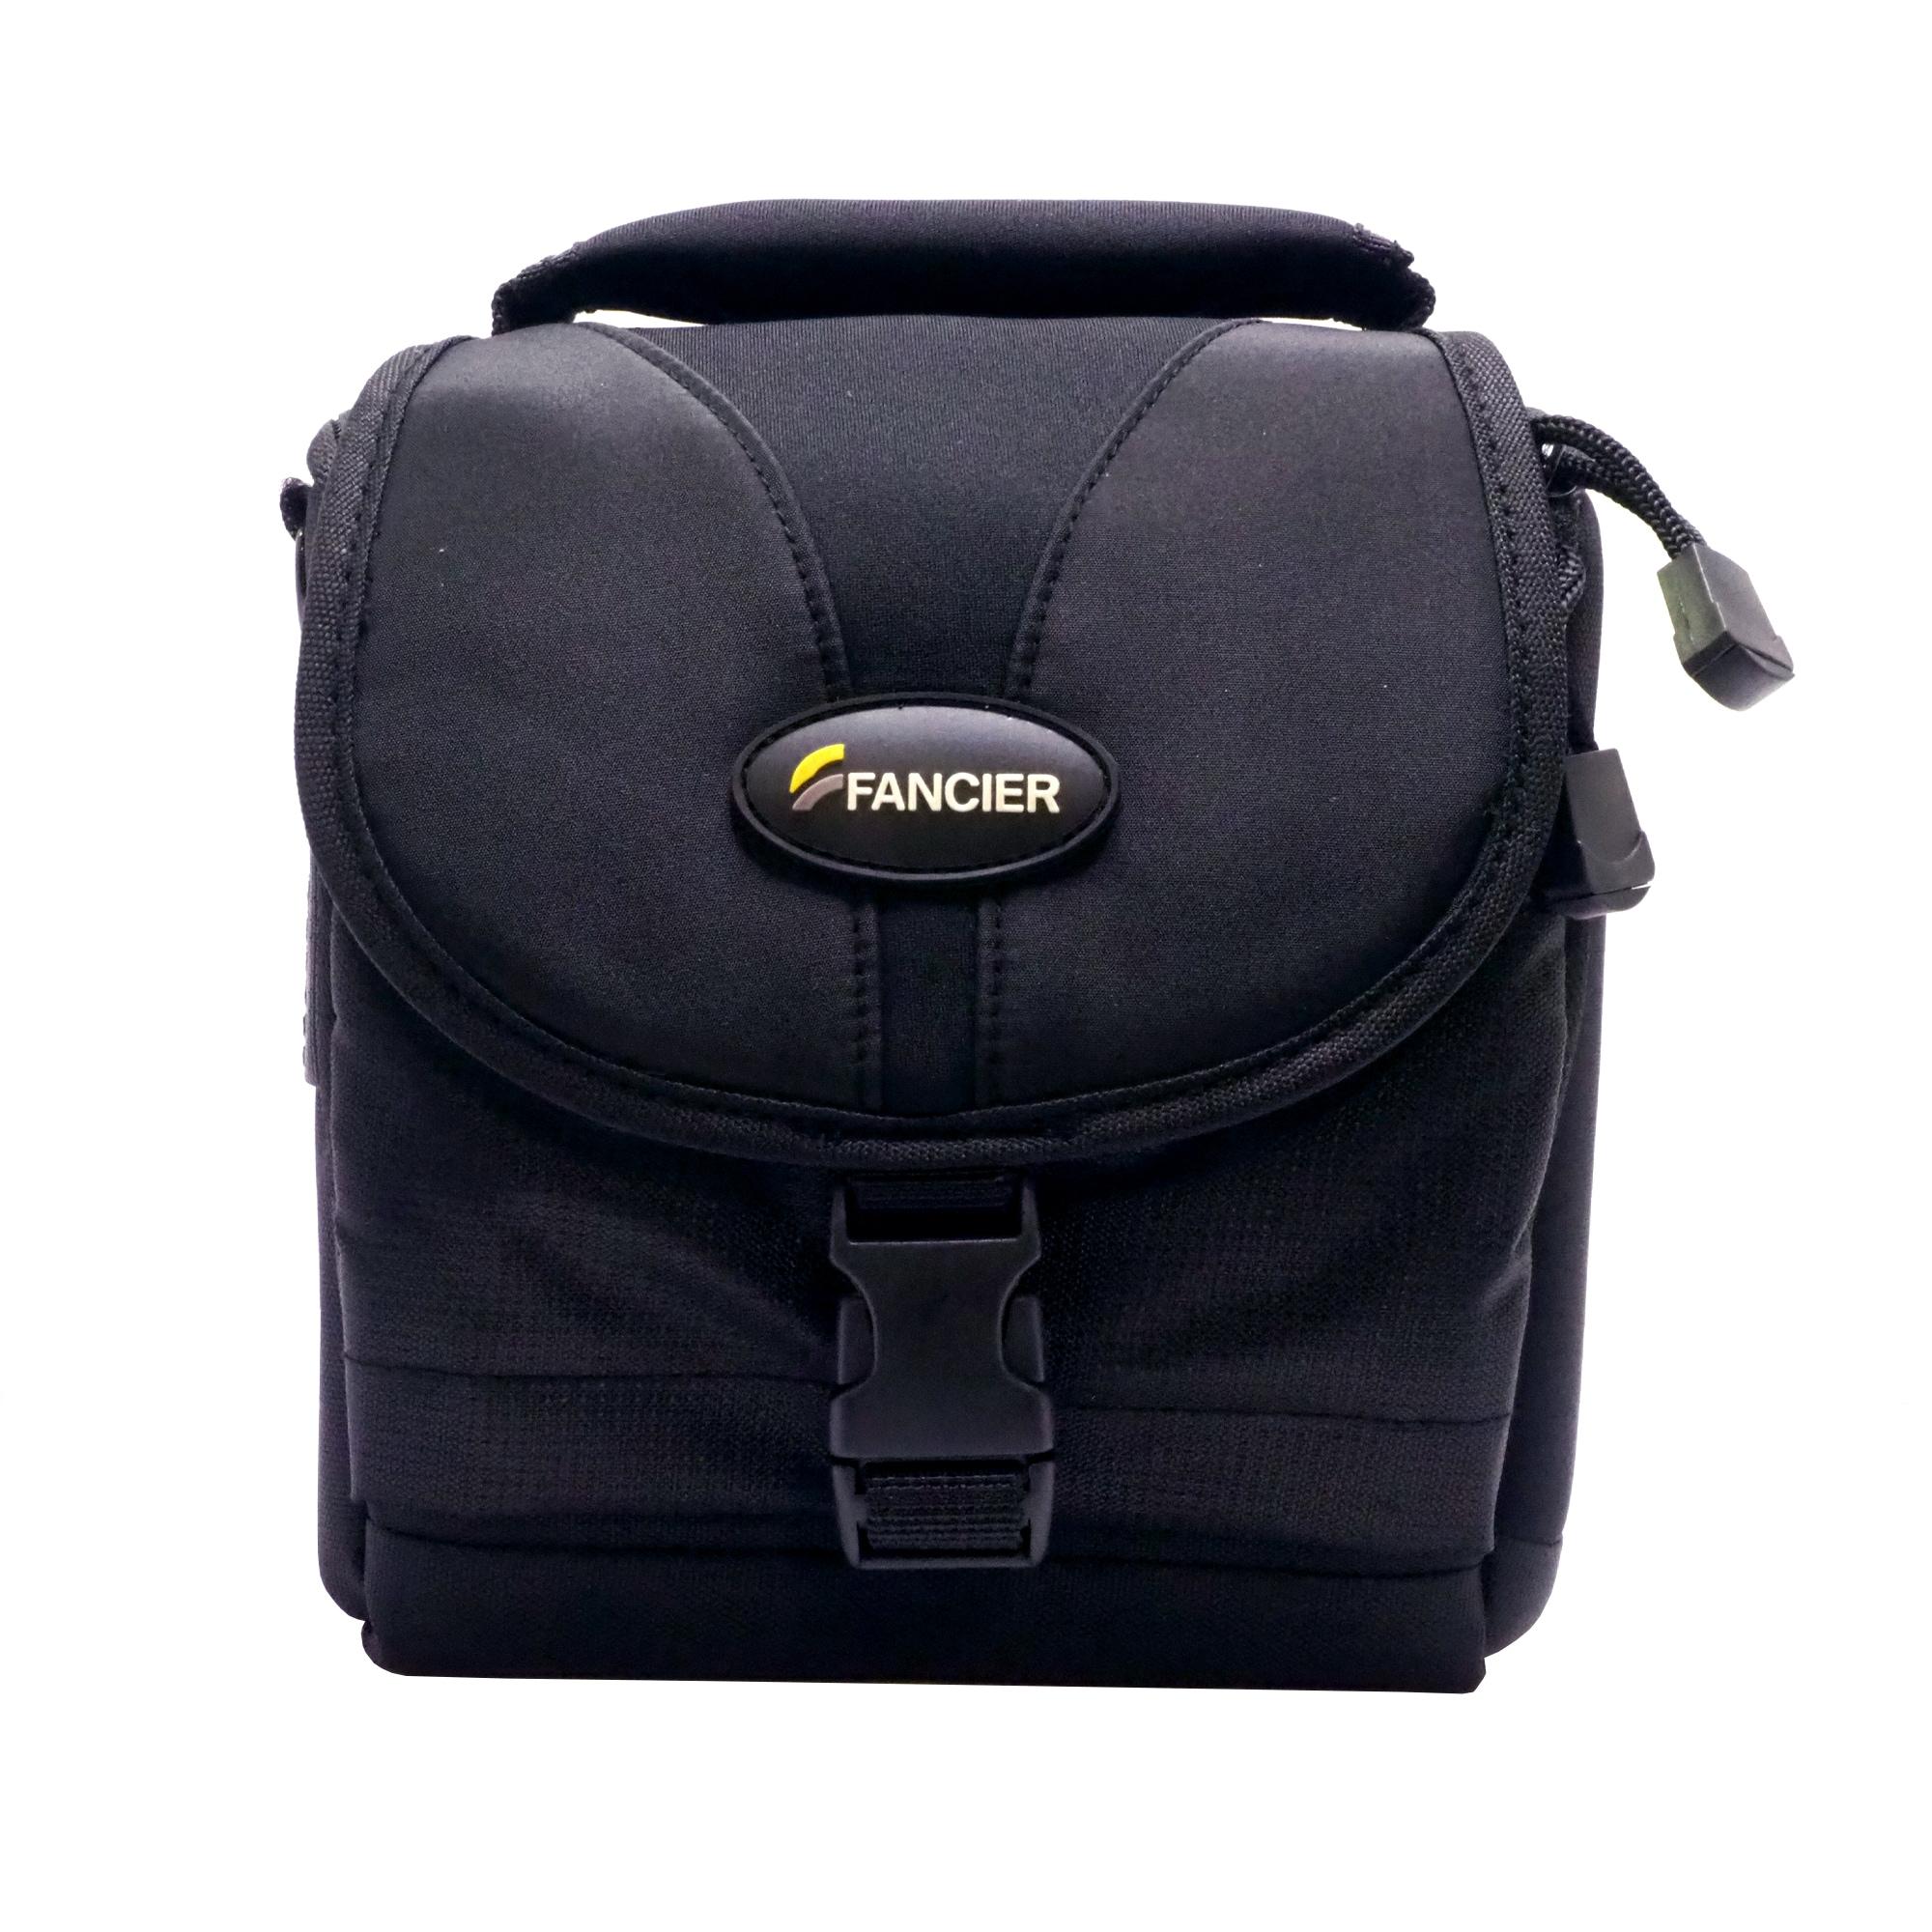 Fancier Väska Svart